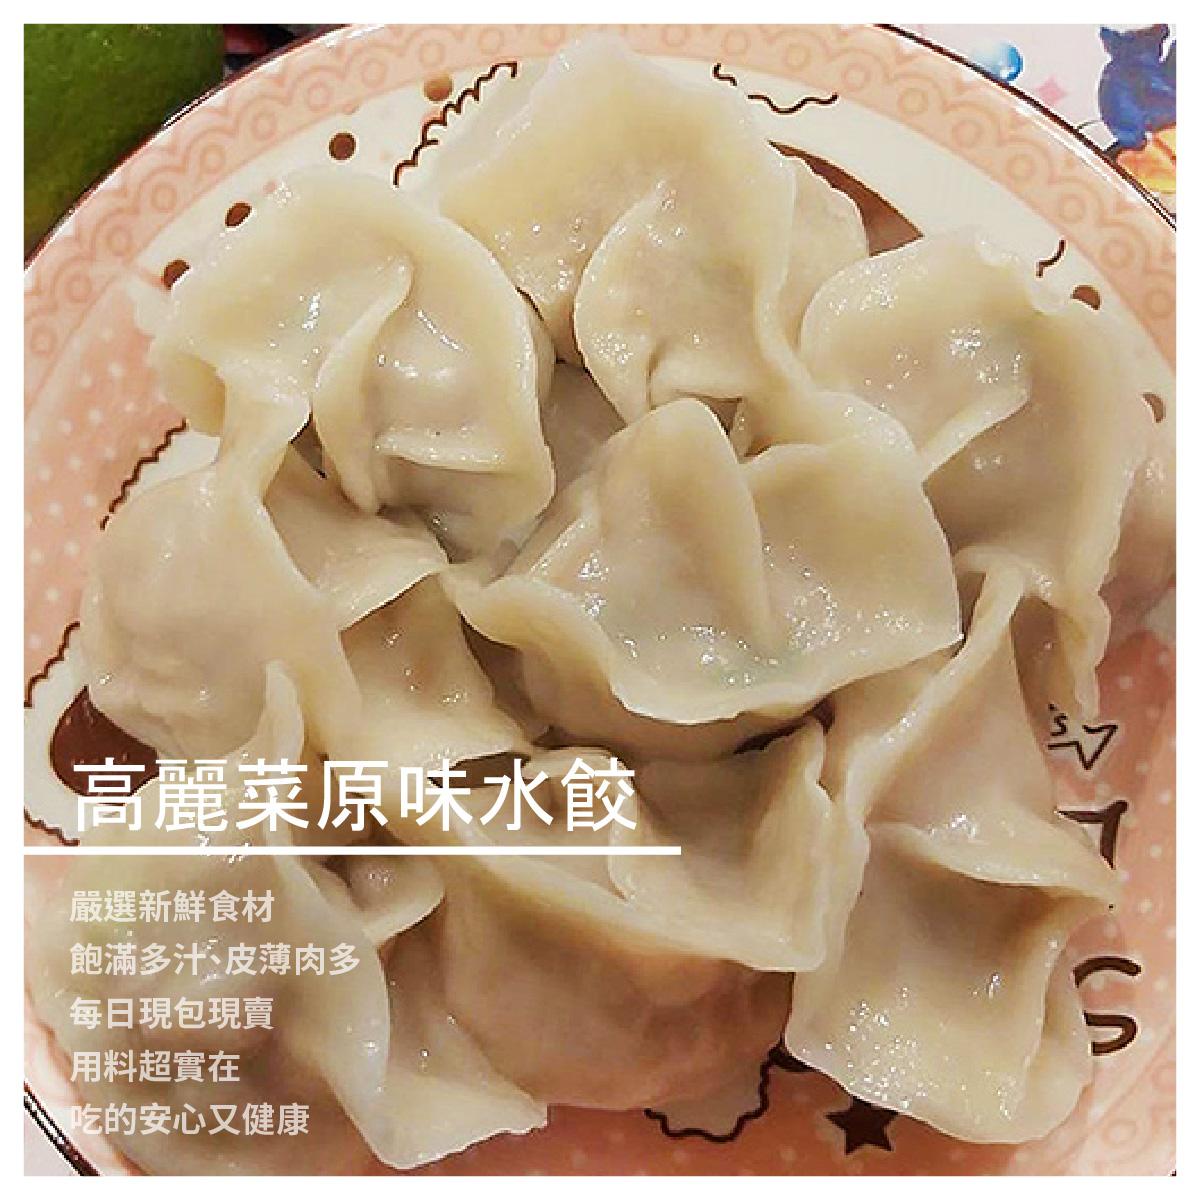 【肥貓樂活廚房】高麗菜原味水餃/包